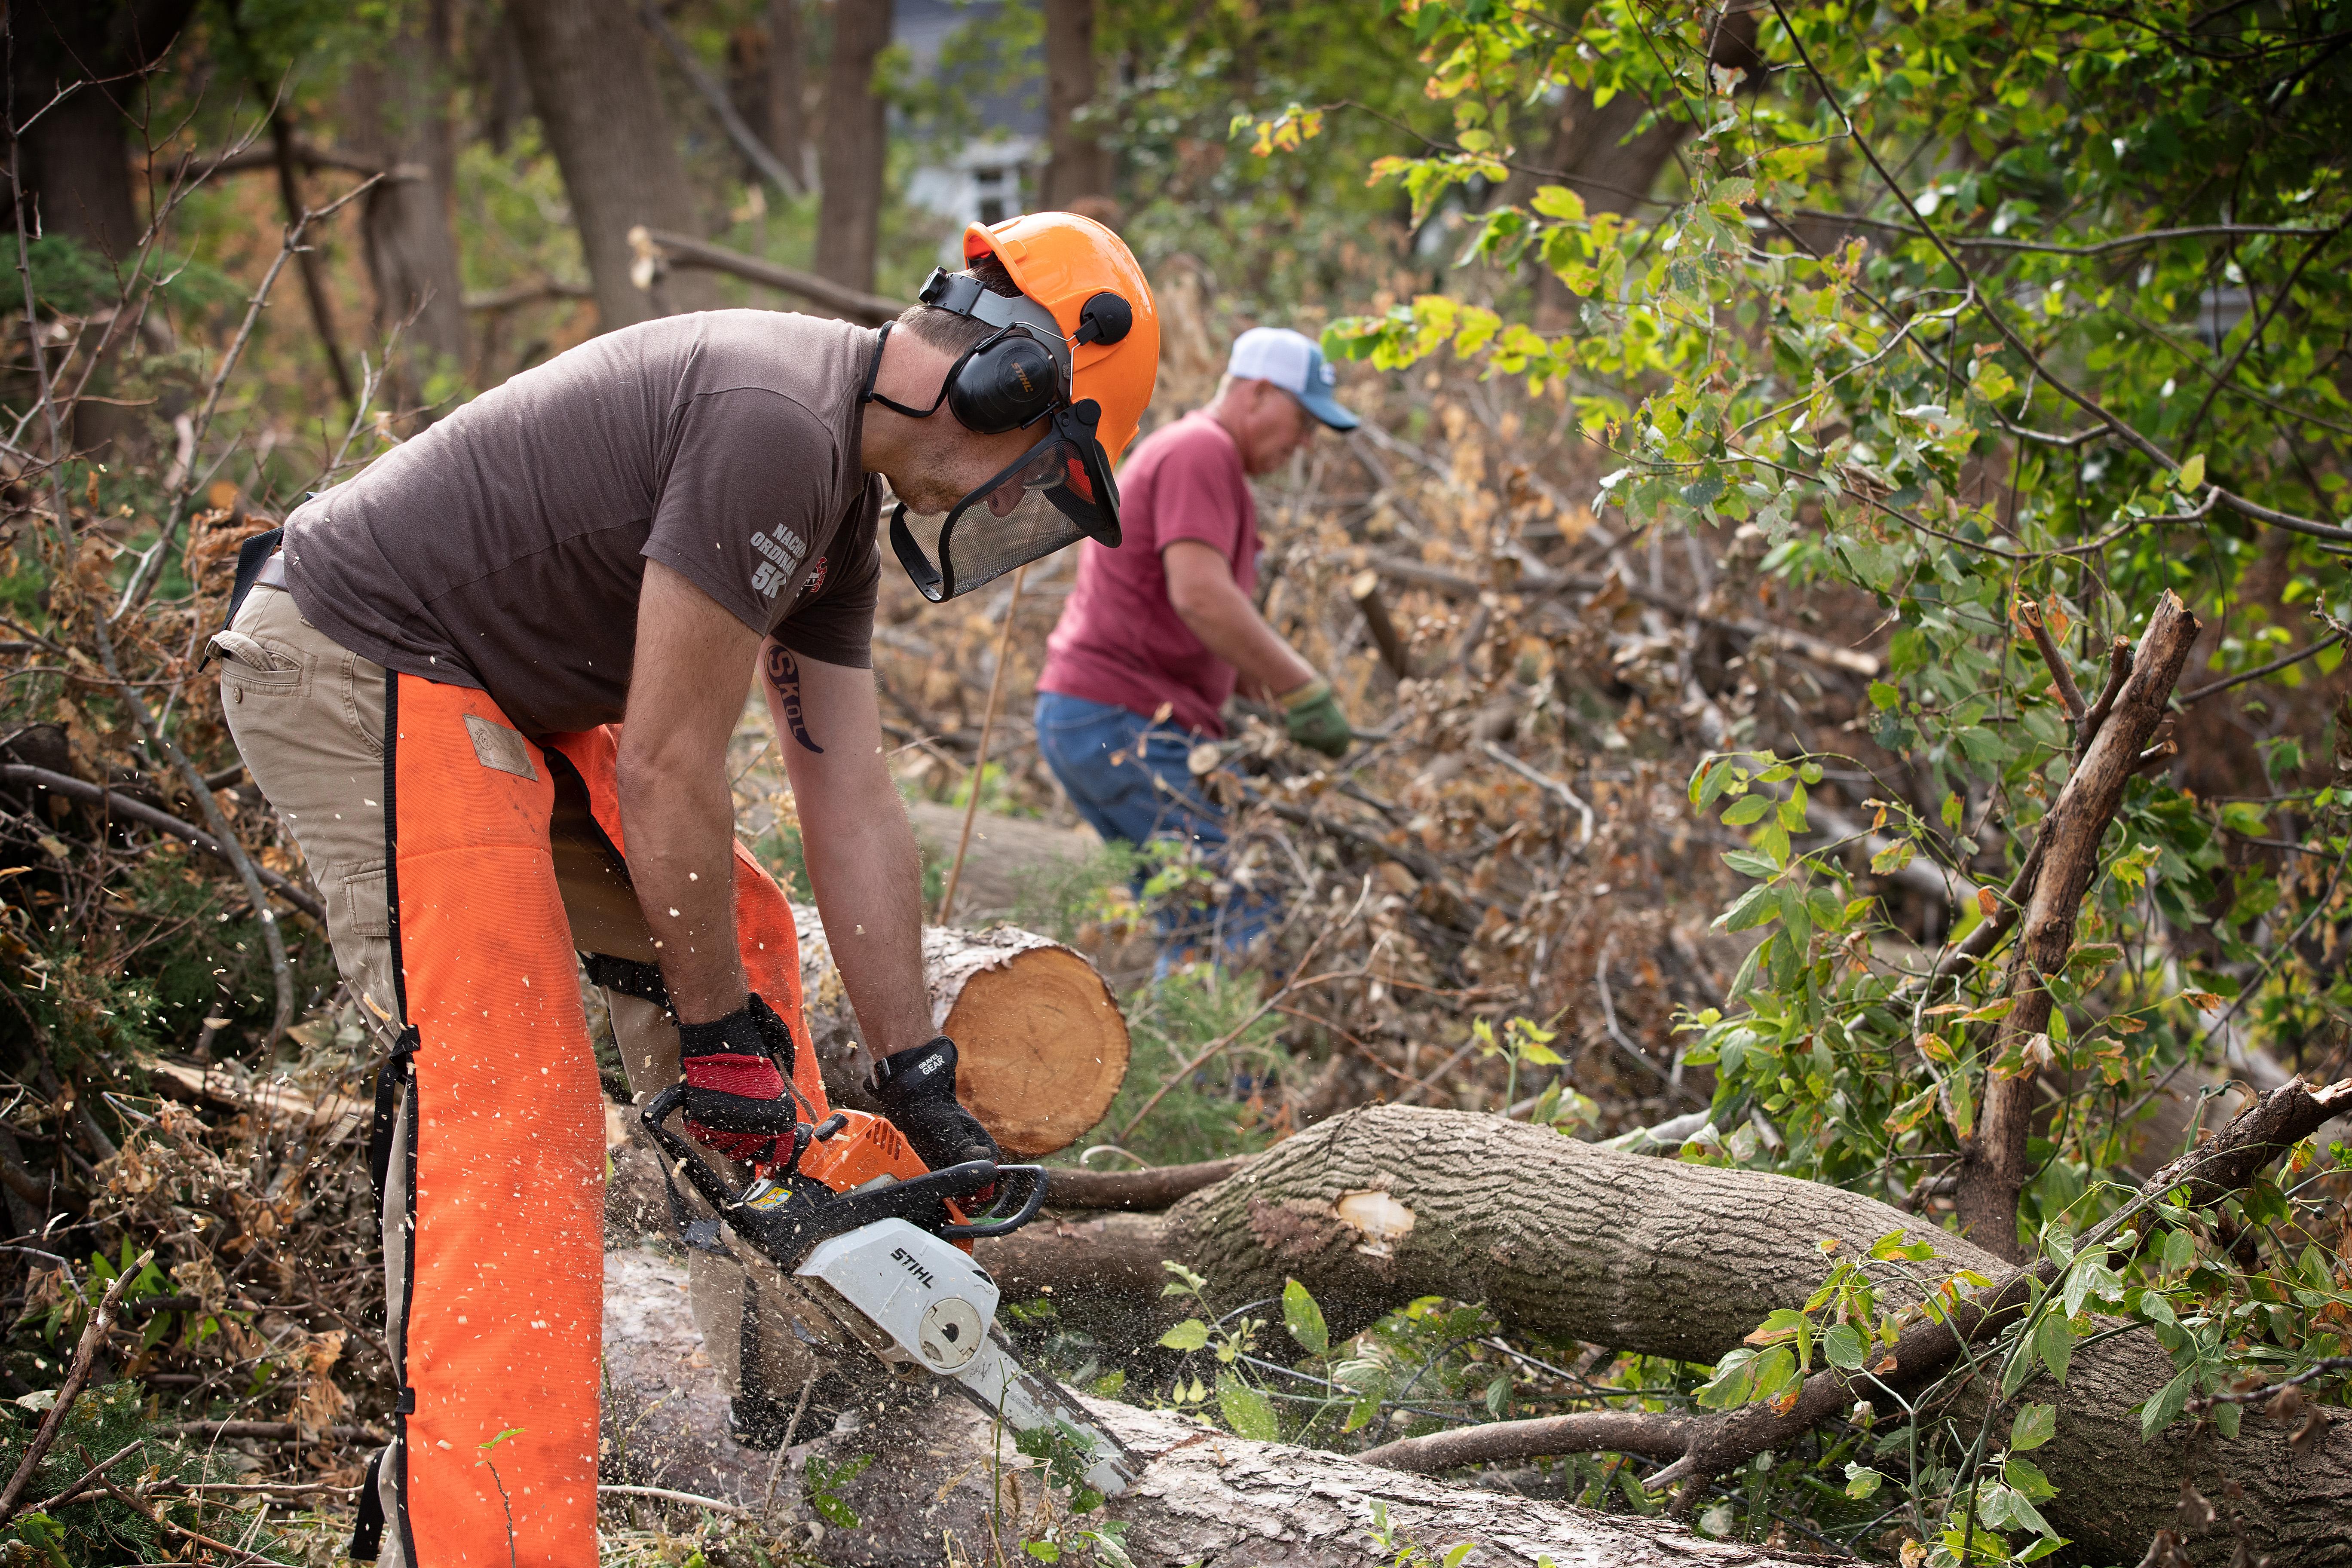 Os voluntários Metodistas da United Darren Garrett (frente) e Dale Krohn usam motosserras para limpar árvores derrubadas em uma casa em Cedar Rapids, Iowa, após um vendaval em Agosto de 2020. Foto de Mike DuBose, UM News.